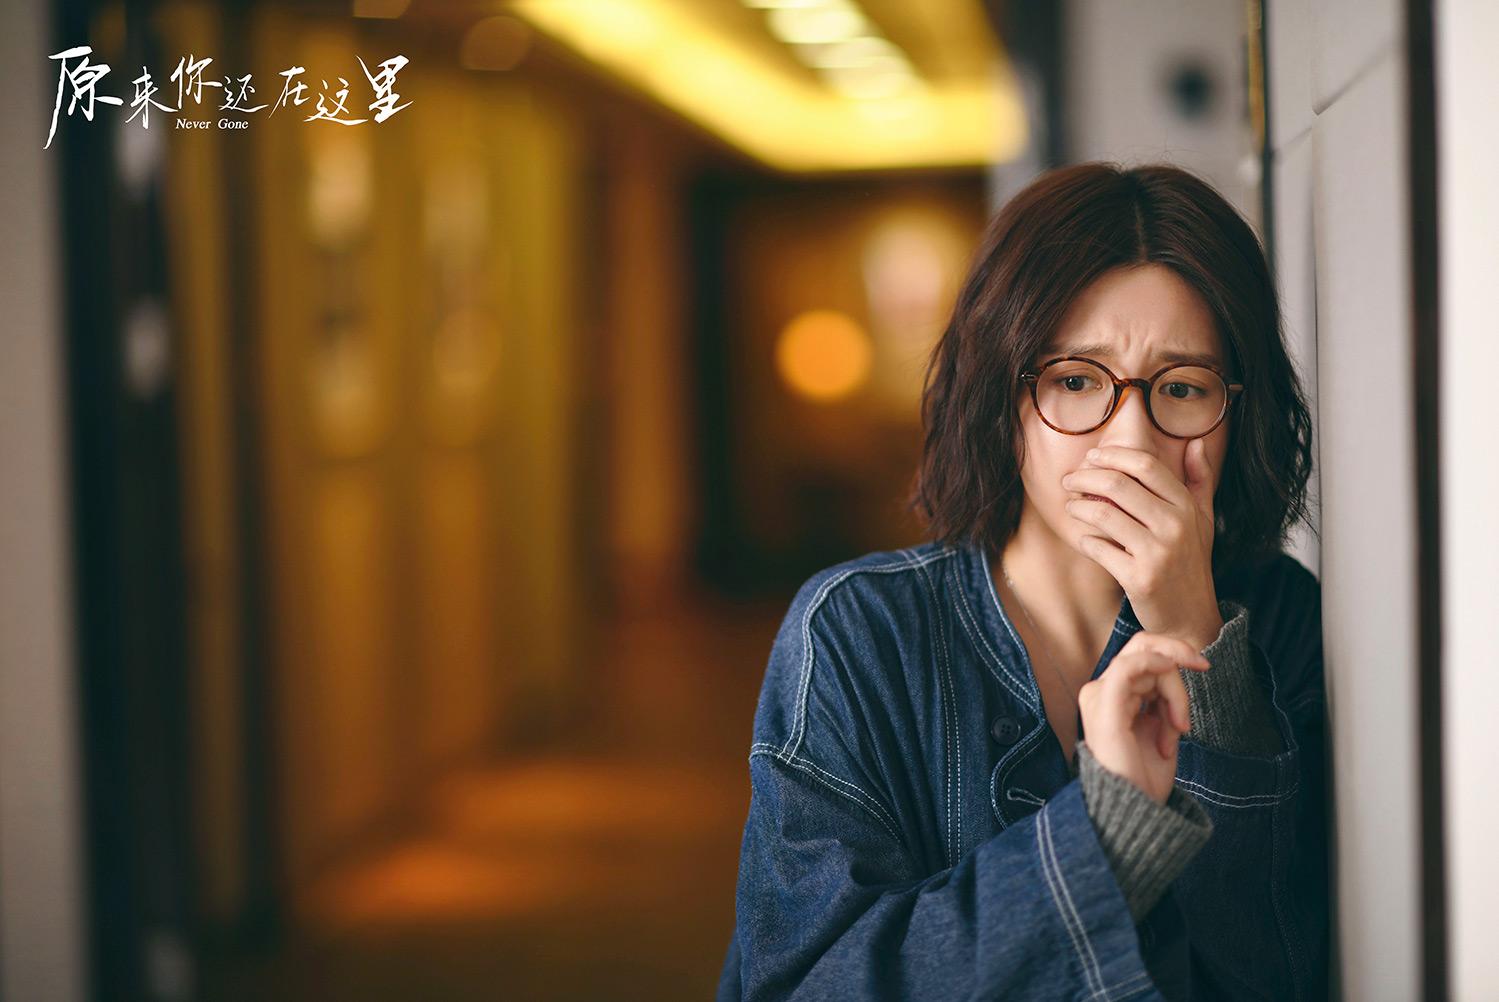 苏青《原来你还在这里》爆发哭戏 网友心疼莫郁华